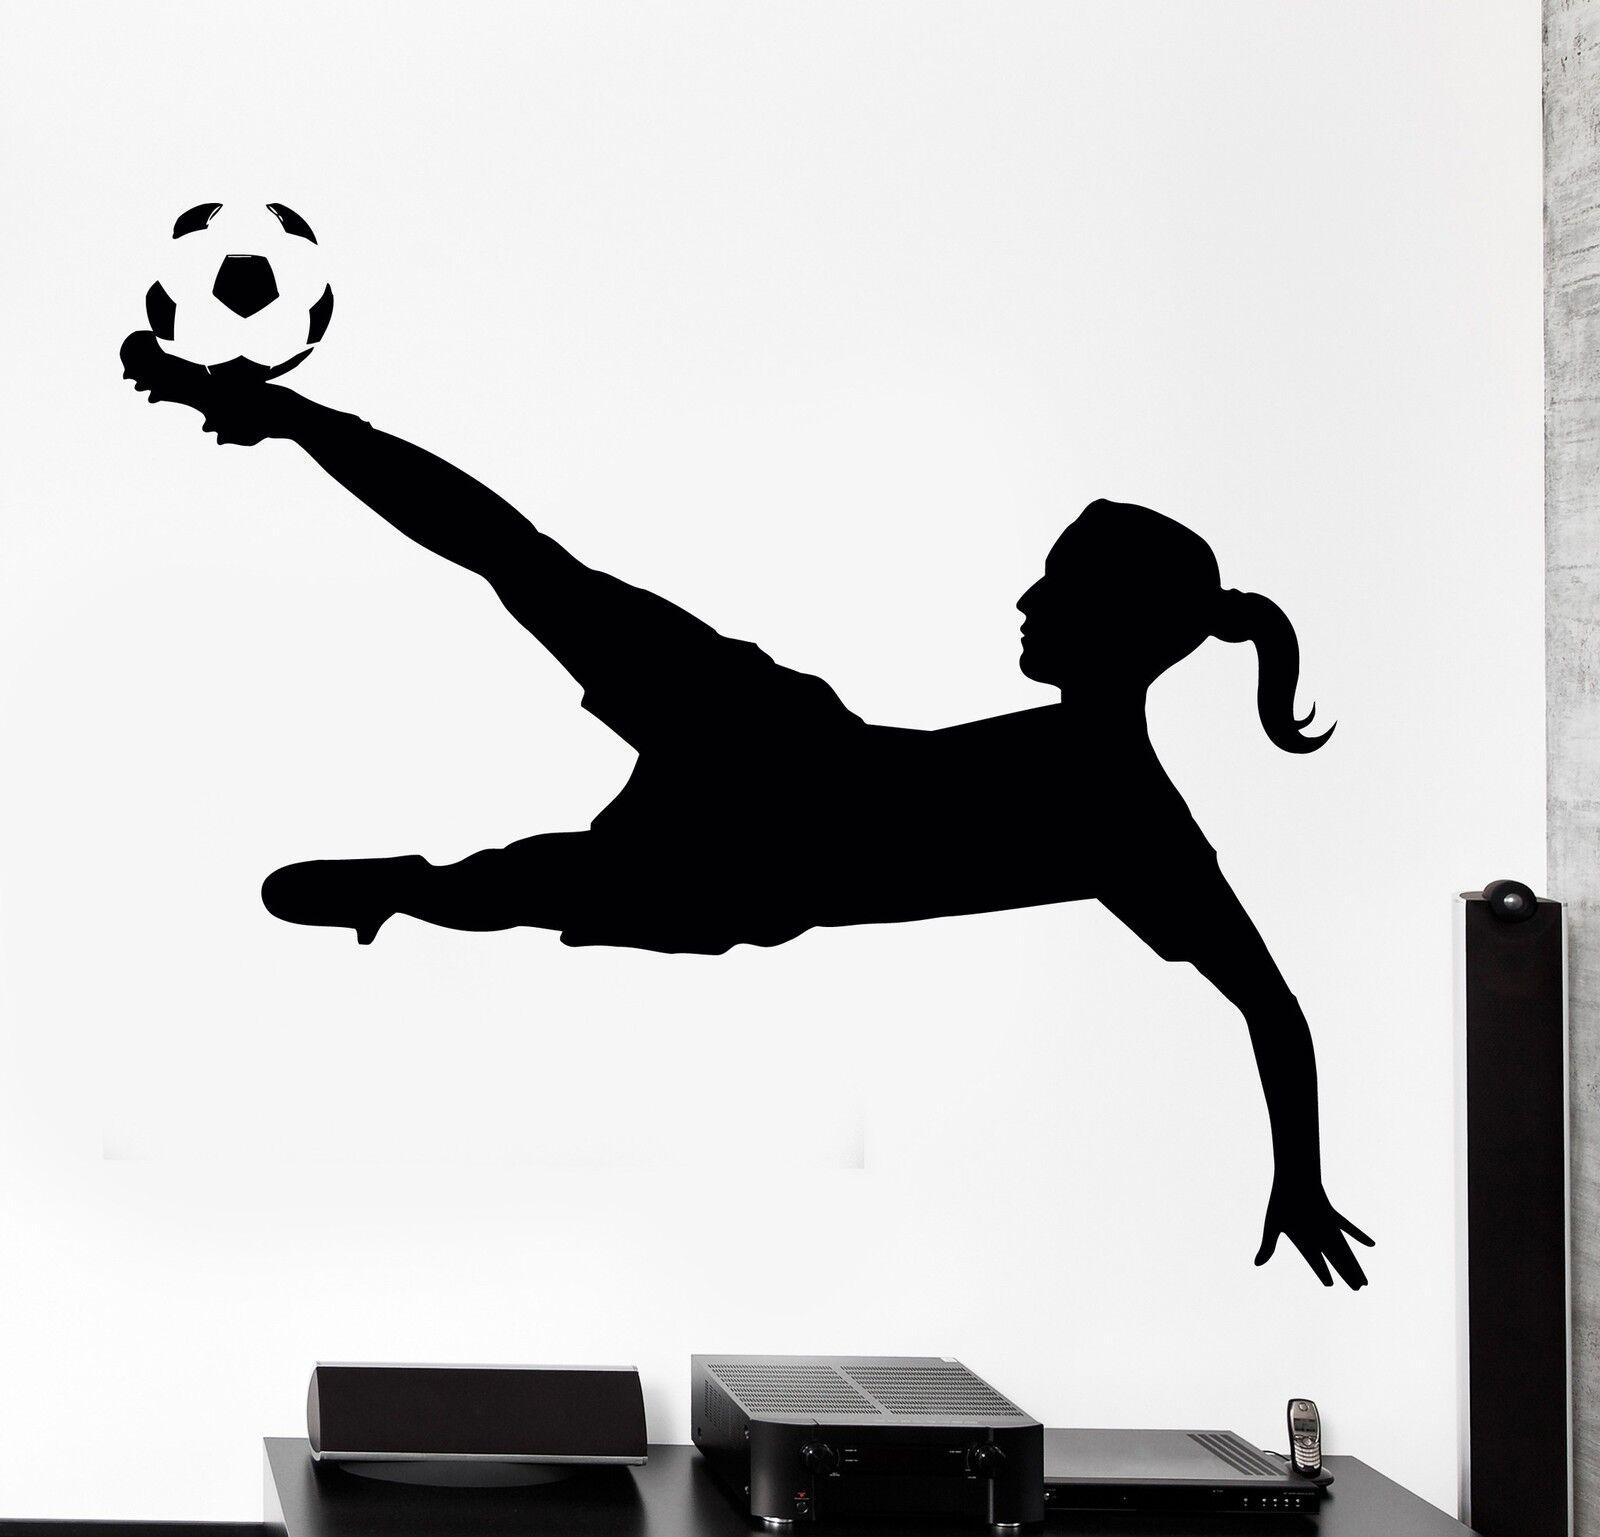 Wand Decal Football Soccer Mädchen Sport Home Interior Decor z4042